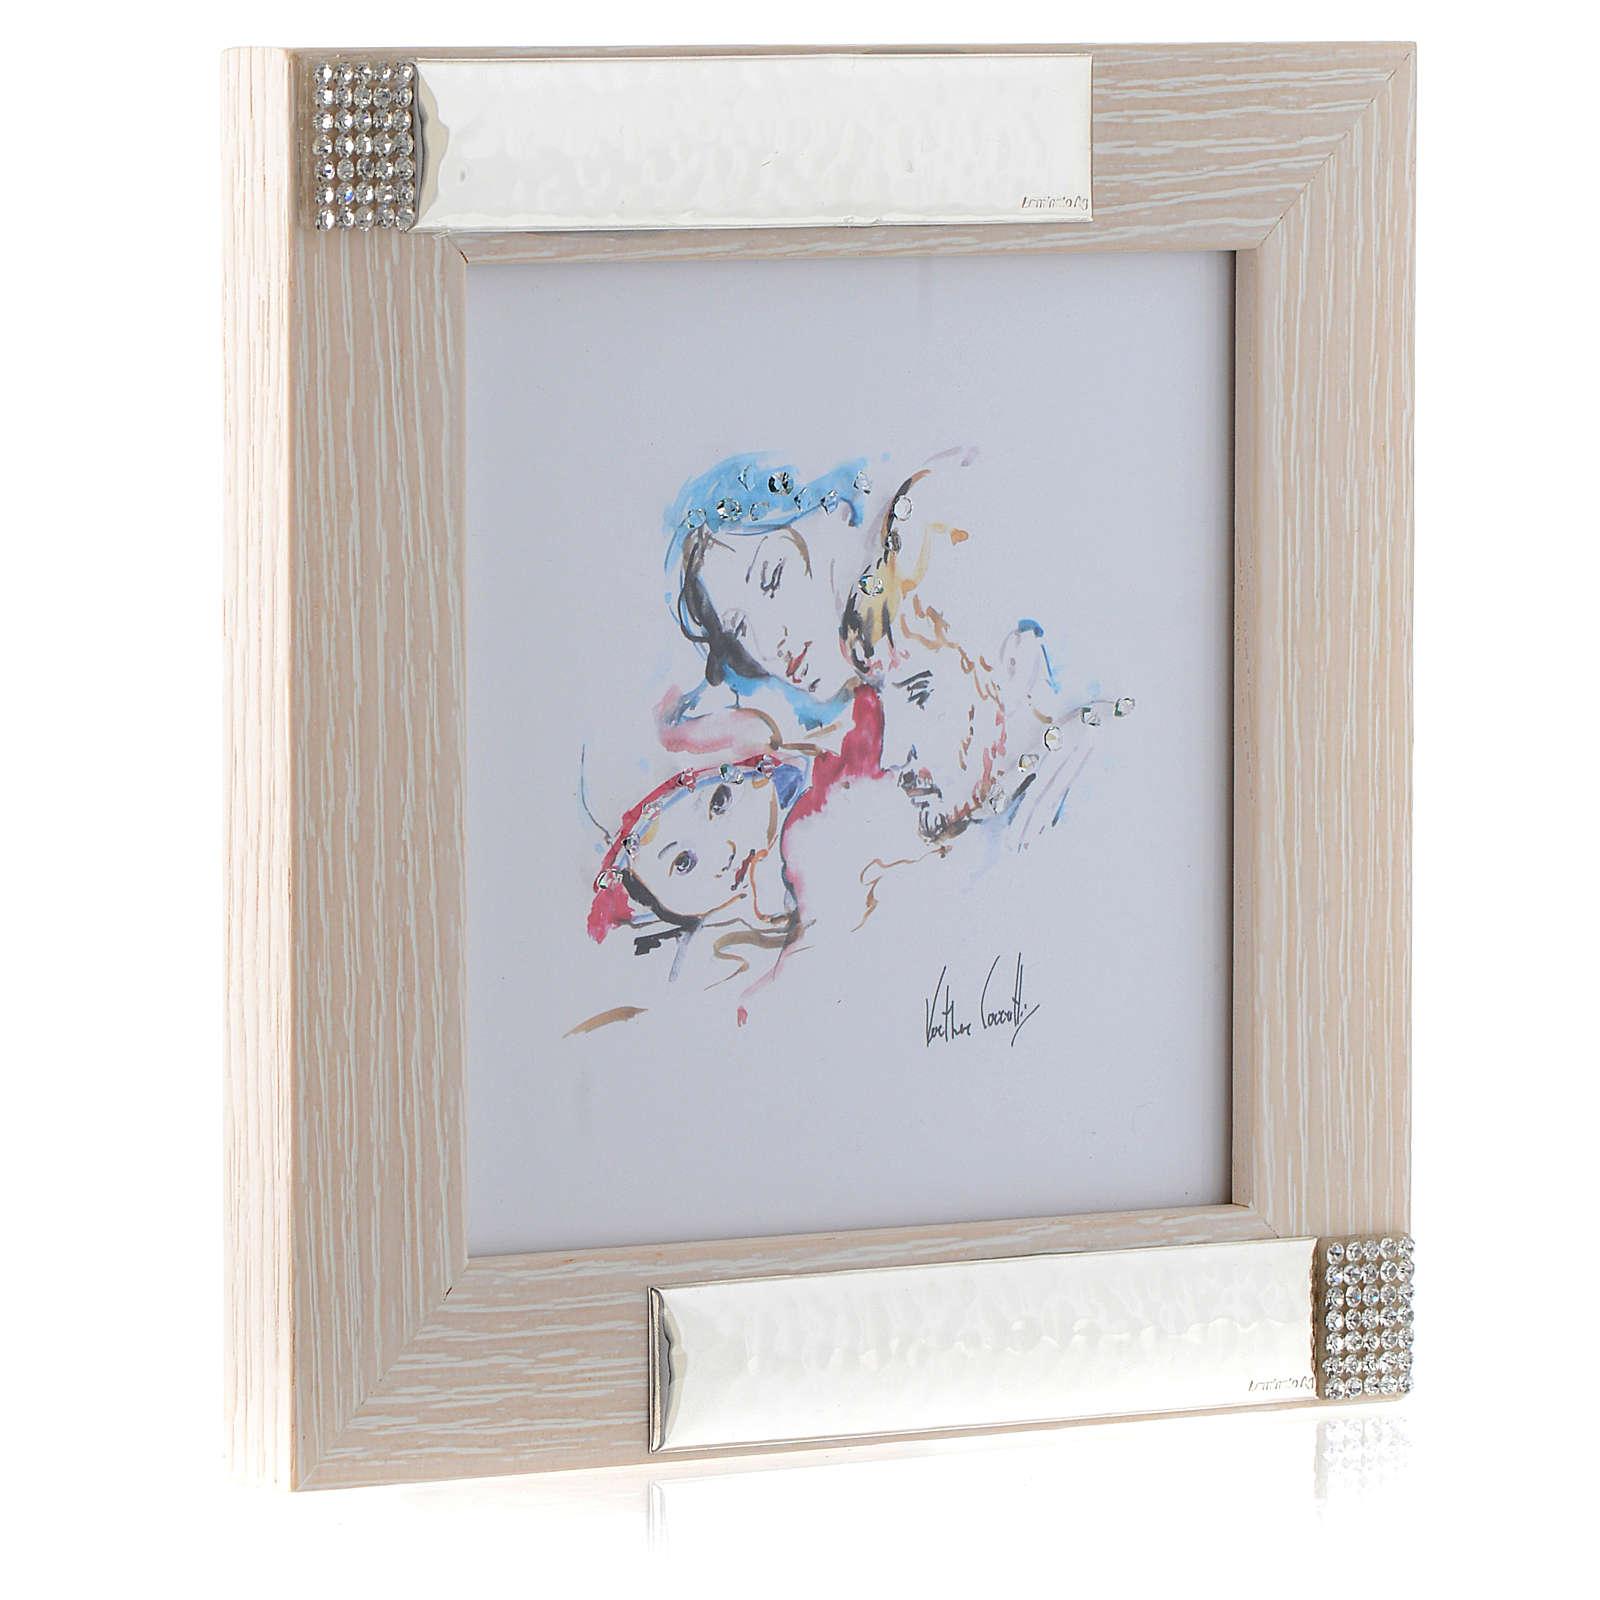 Idée cadeau cadre Joie Familiale de Verther 16x16 cm argent 3